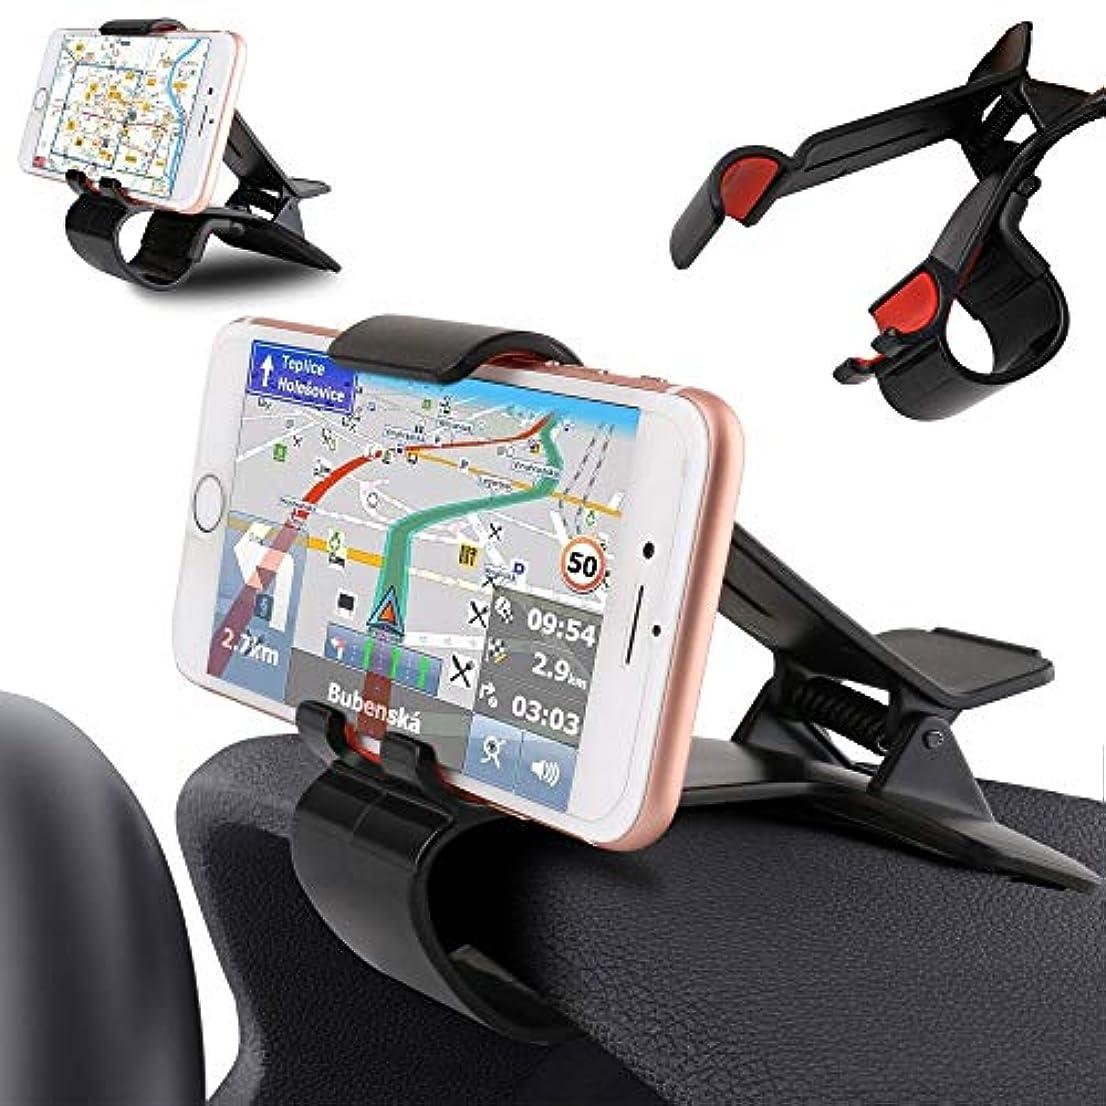 会計そっと相関するDFV mobile - Car GPS Navigation Dashboard Mobile Phone Holder Clip for TechniSat TechniPhone 5 - Black